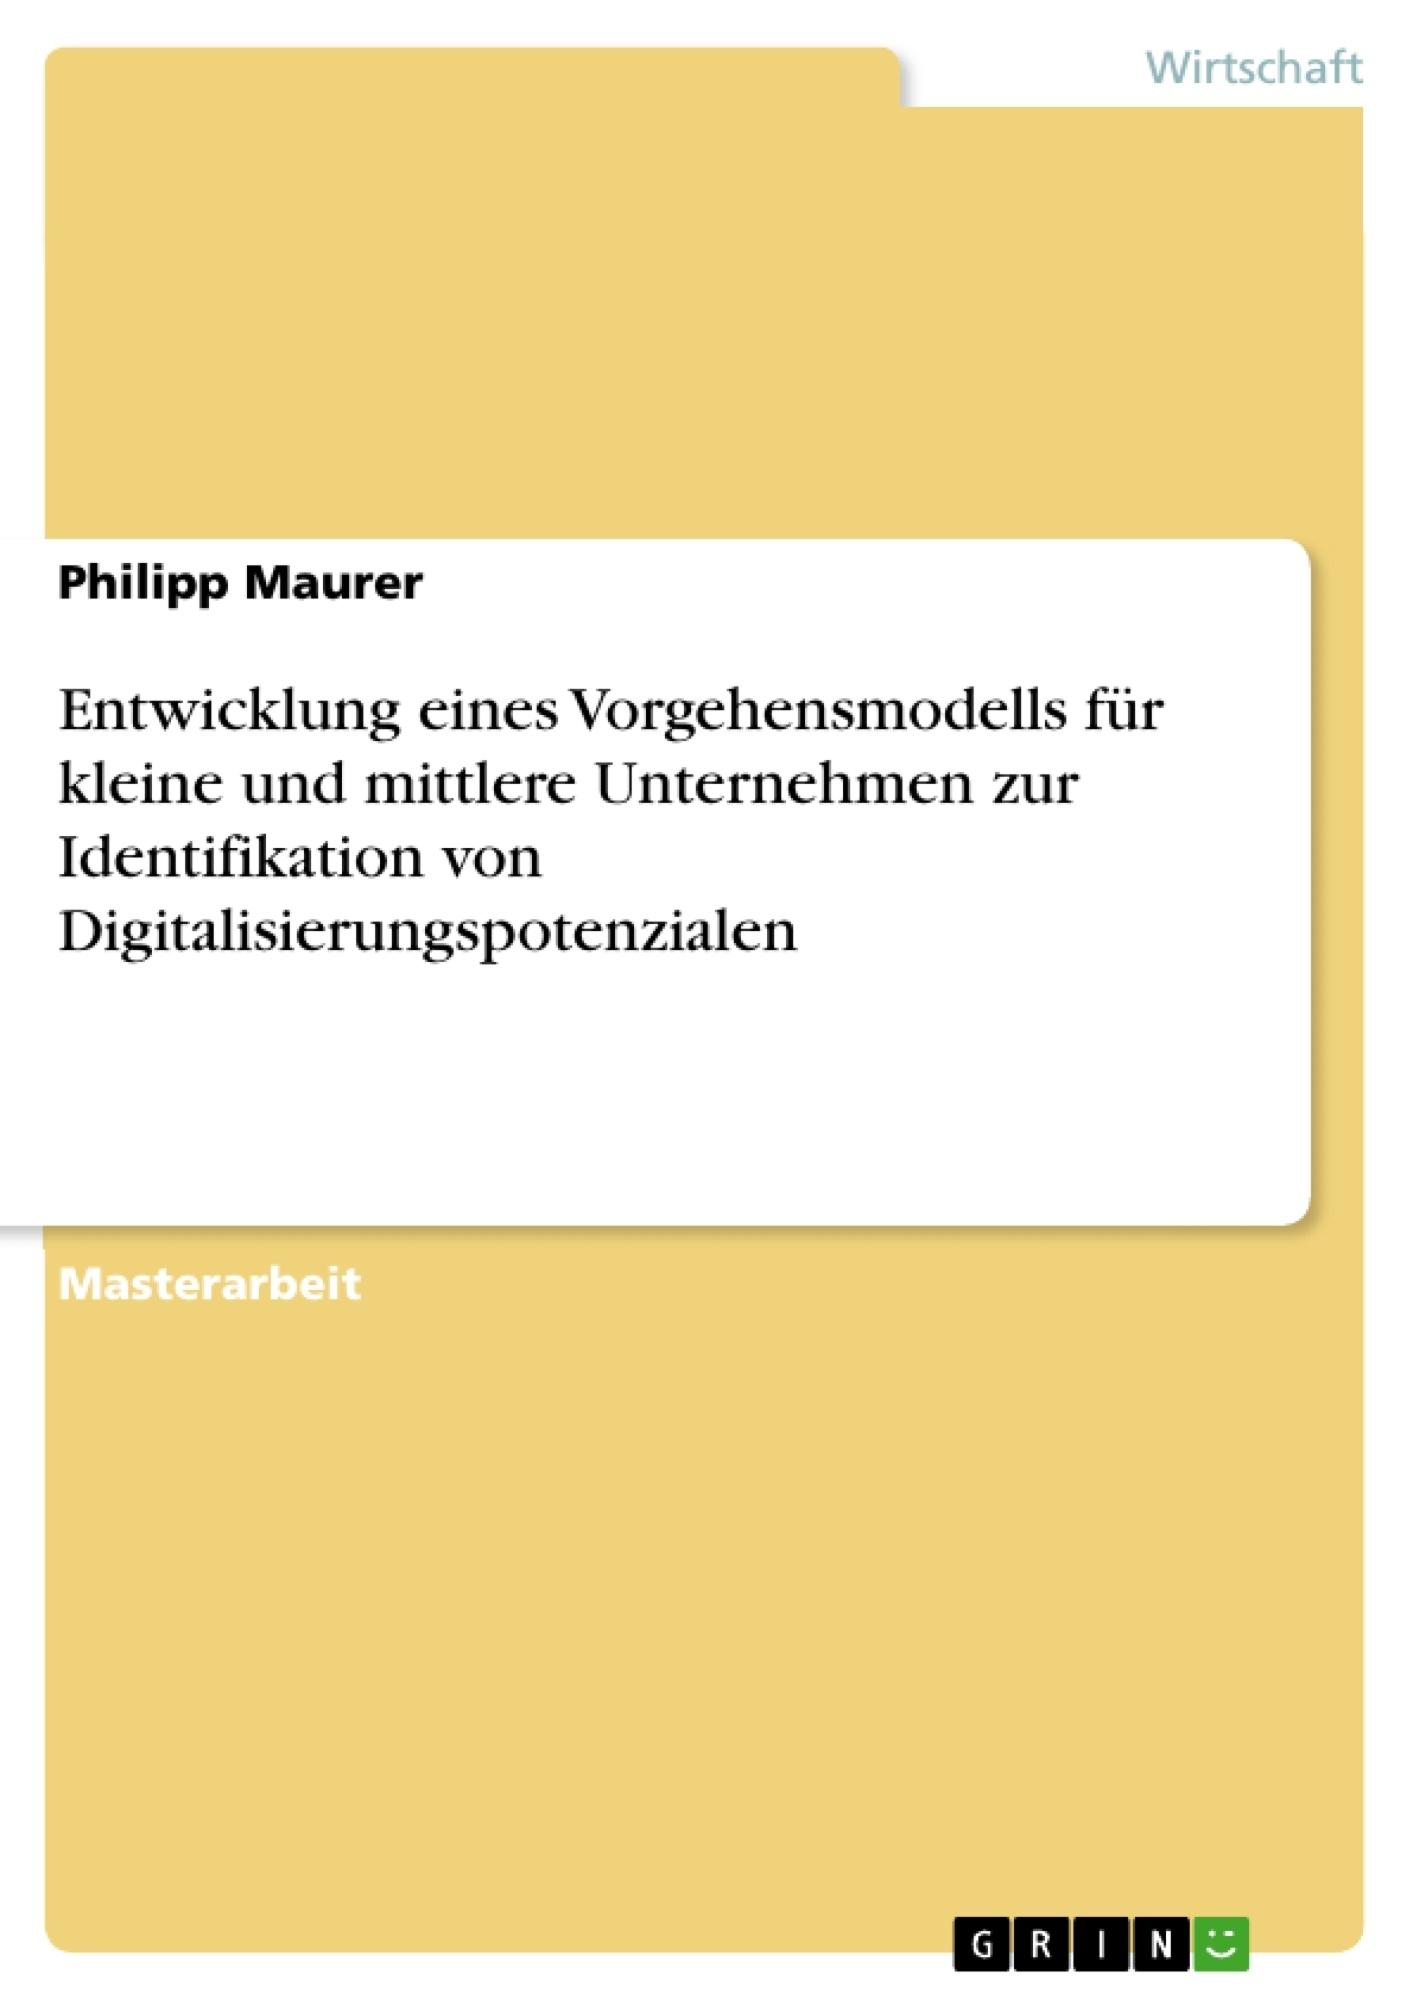 Titel: Entwicklung eines Vorgehensmodells für kleine und mittlere Unternehmen zur Identifikation von Digitalisierungspotenzialen